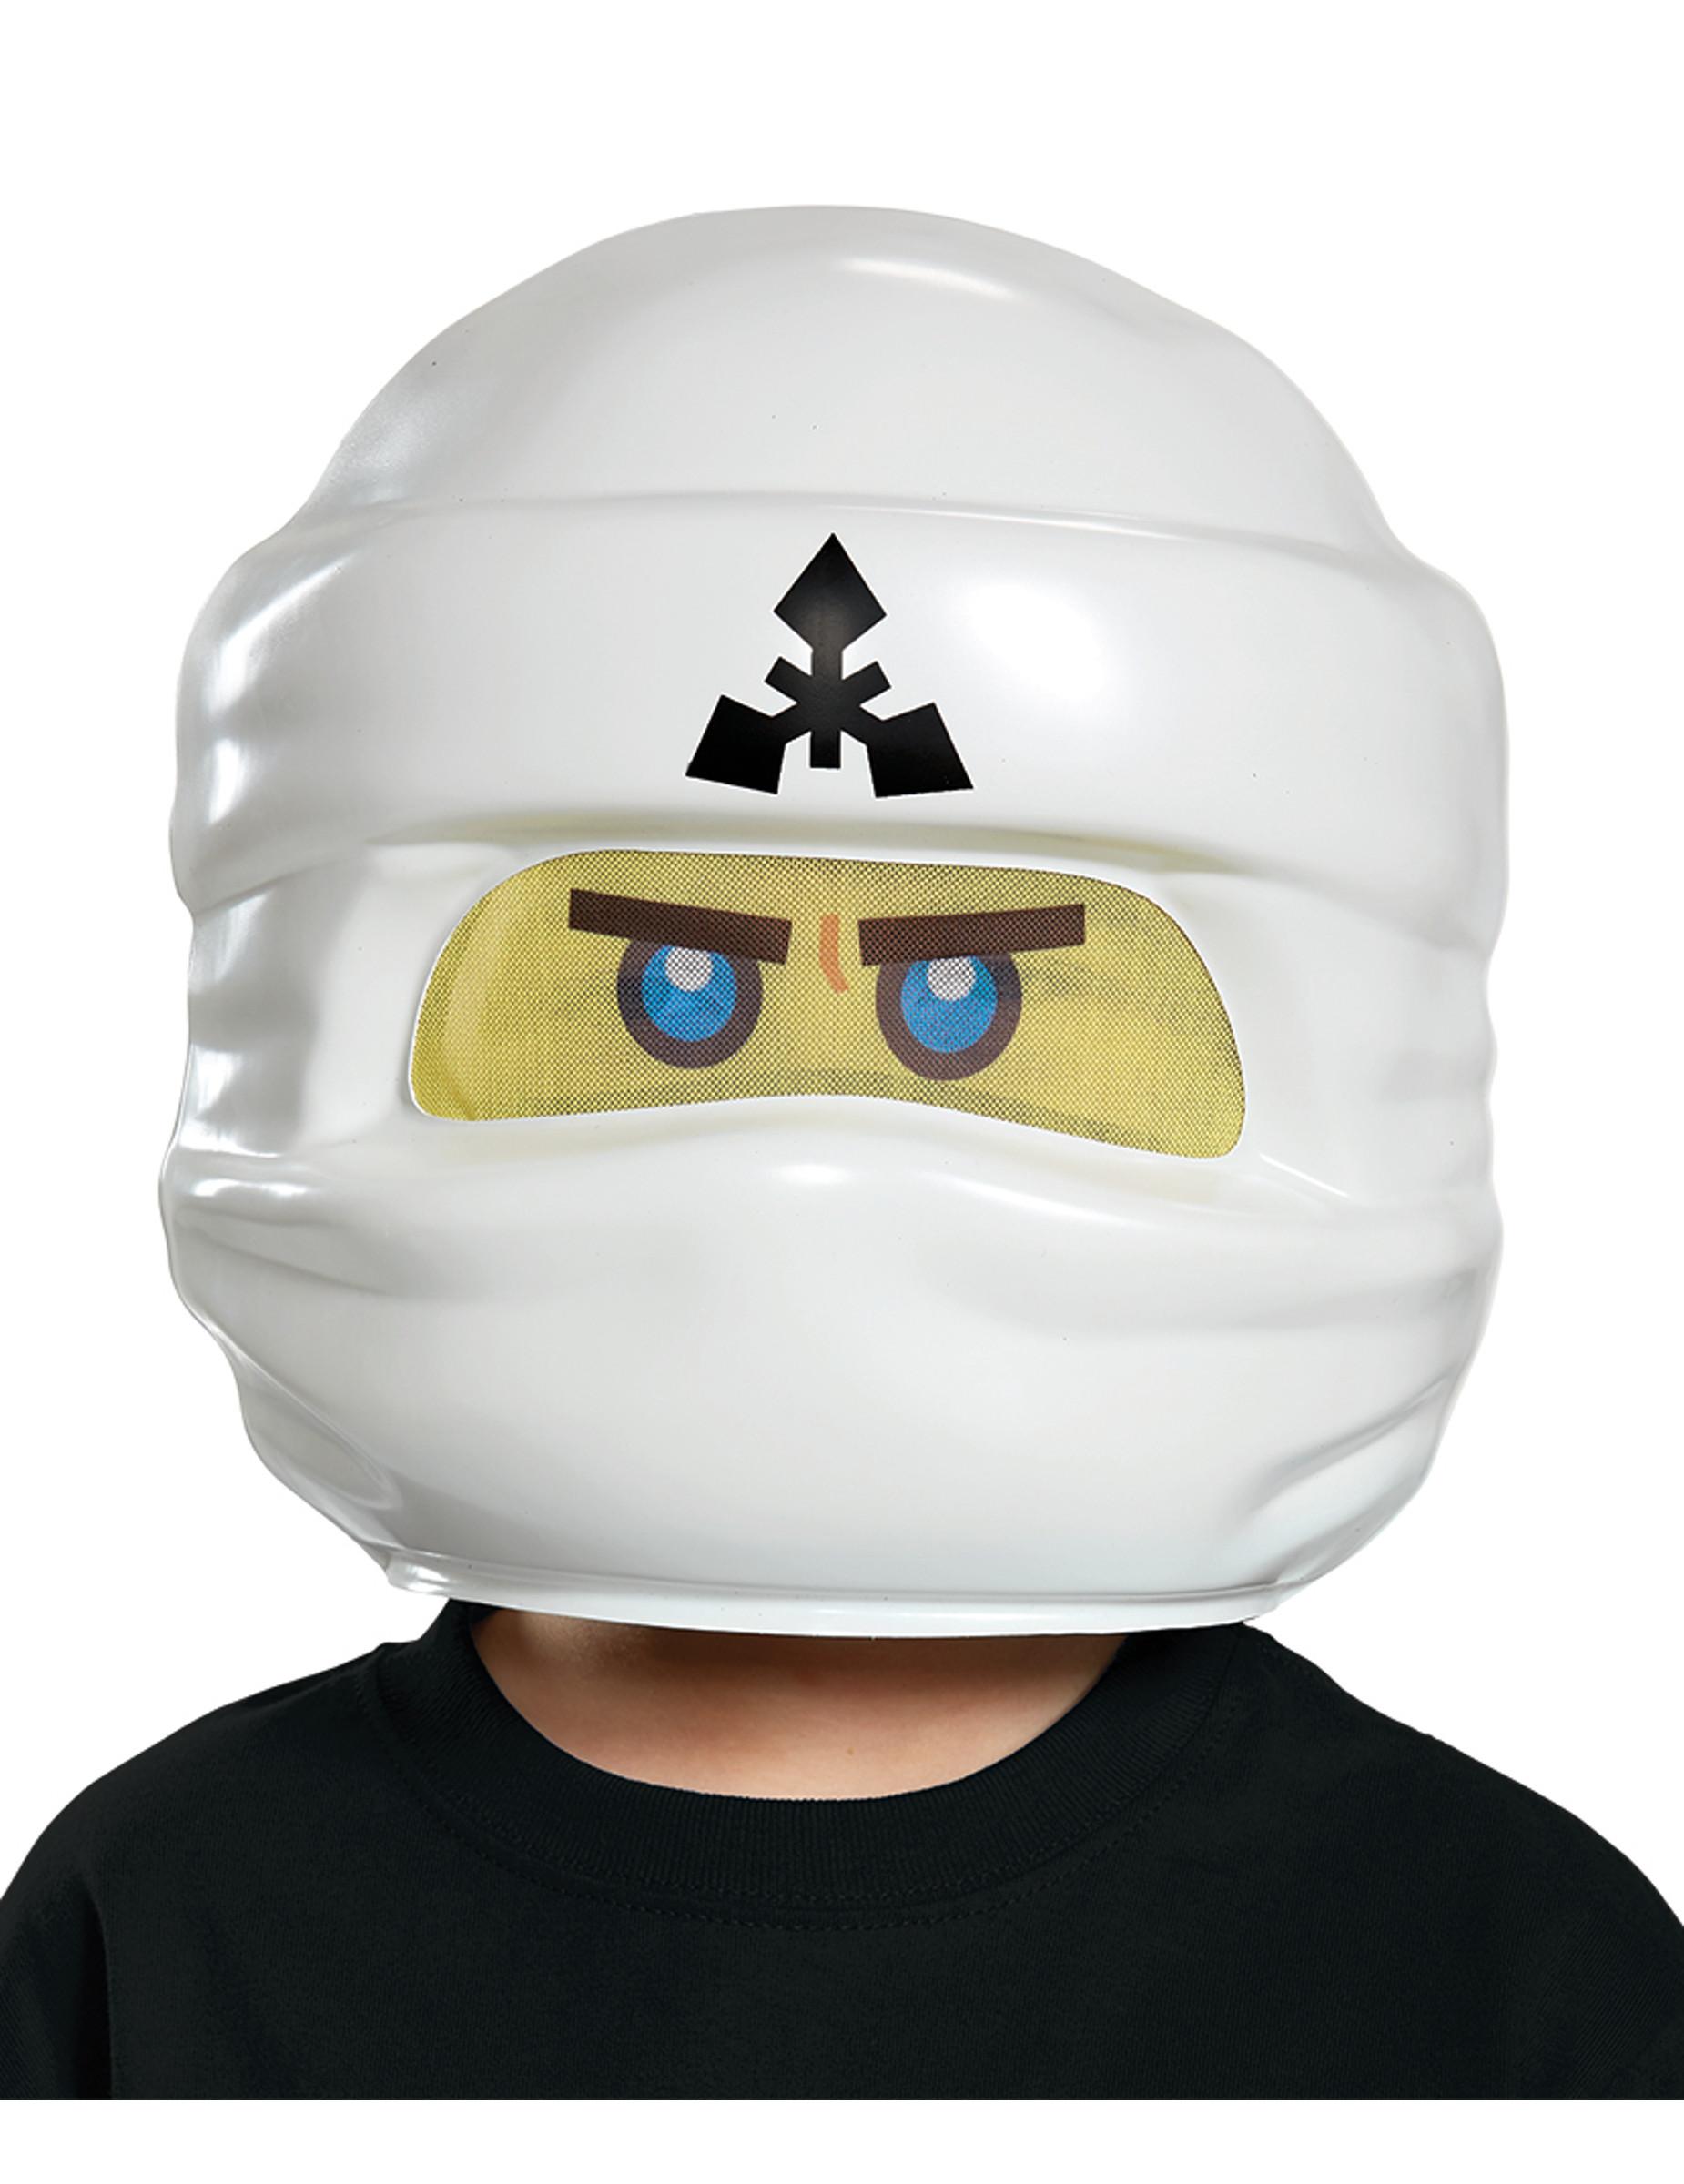 zane ninjago lego lizenz kinder maske bunt masken und. Black Bedroom Furniture Sets. Home Design Ideas